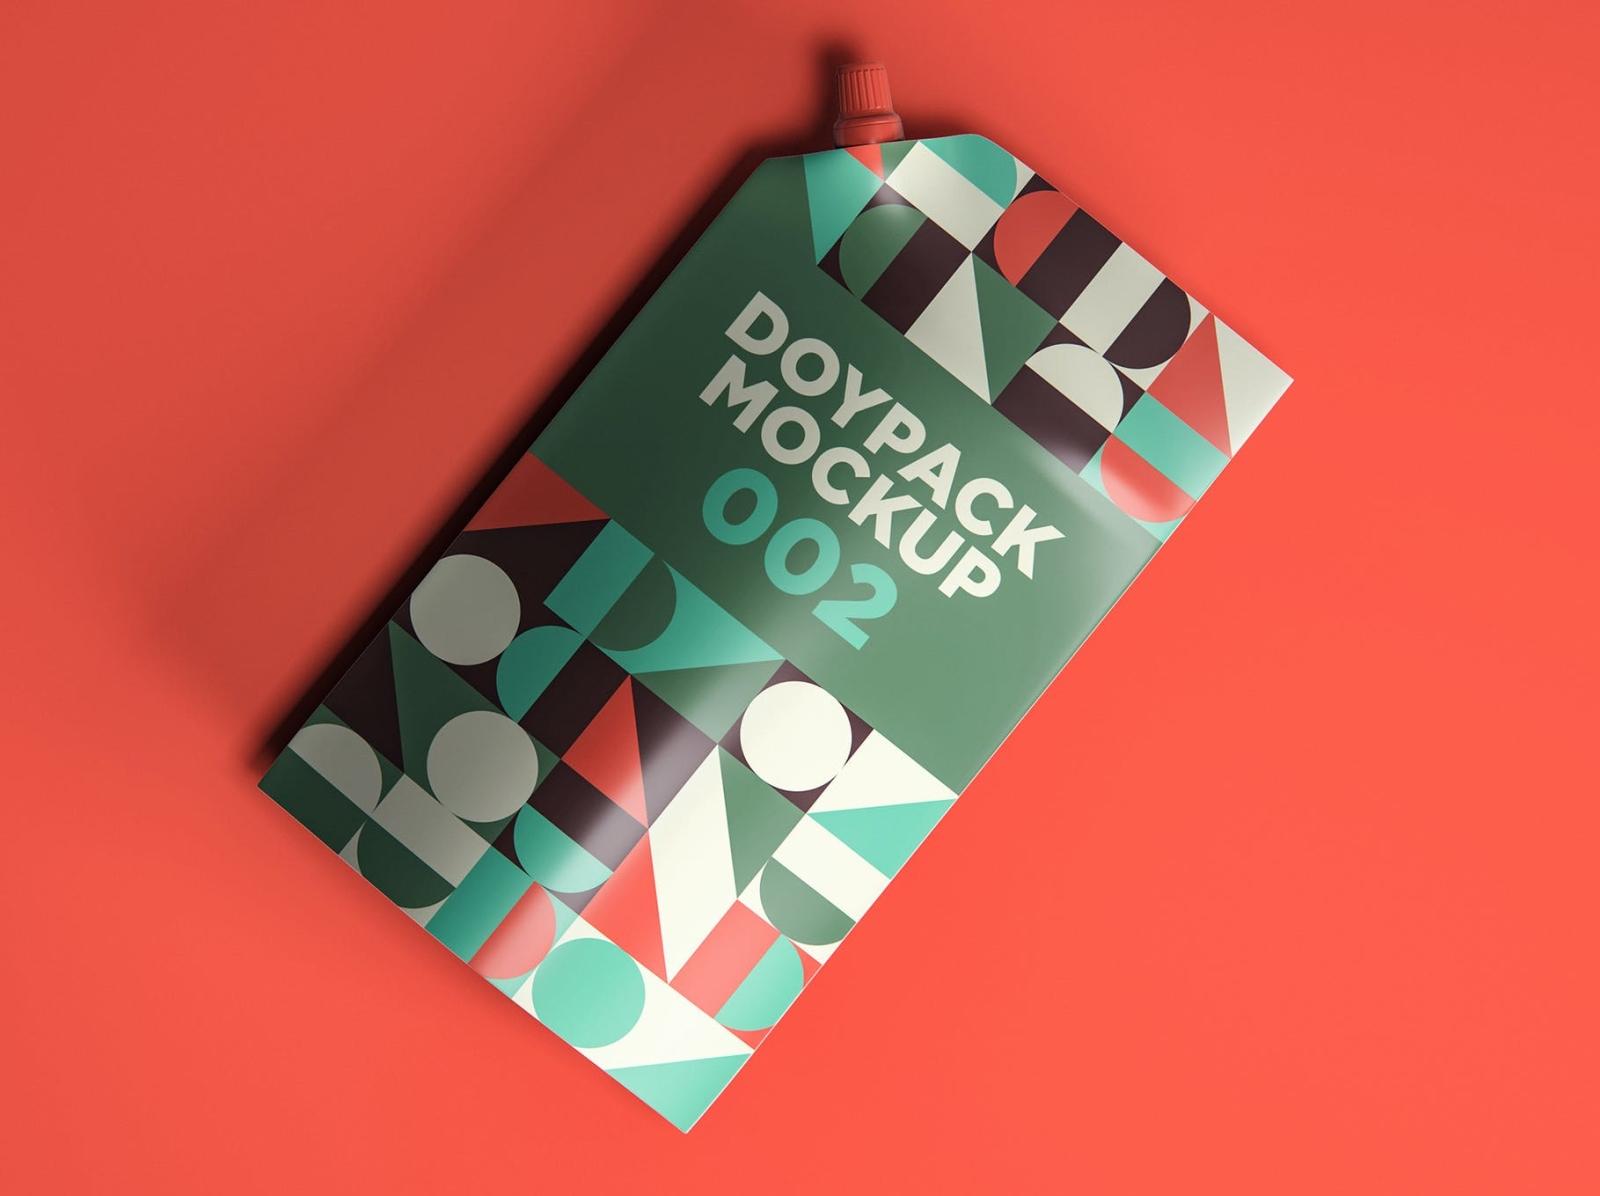 Doypack Mockup packaging design package packaging mockup doypack typography ux ui vector logo 3d illustration graphic design design branding